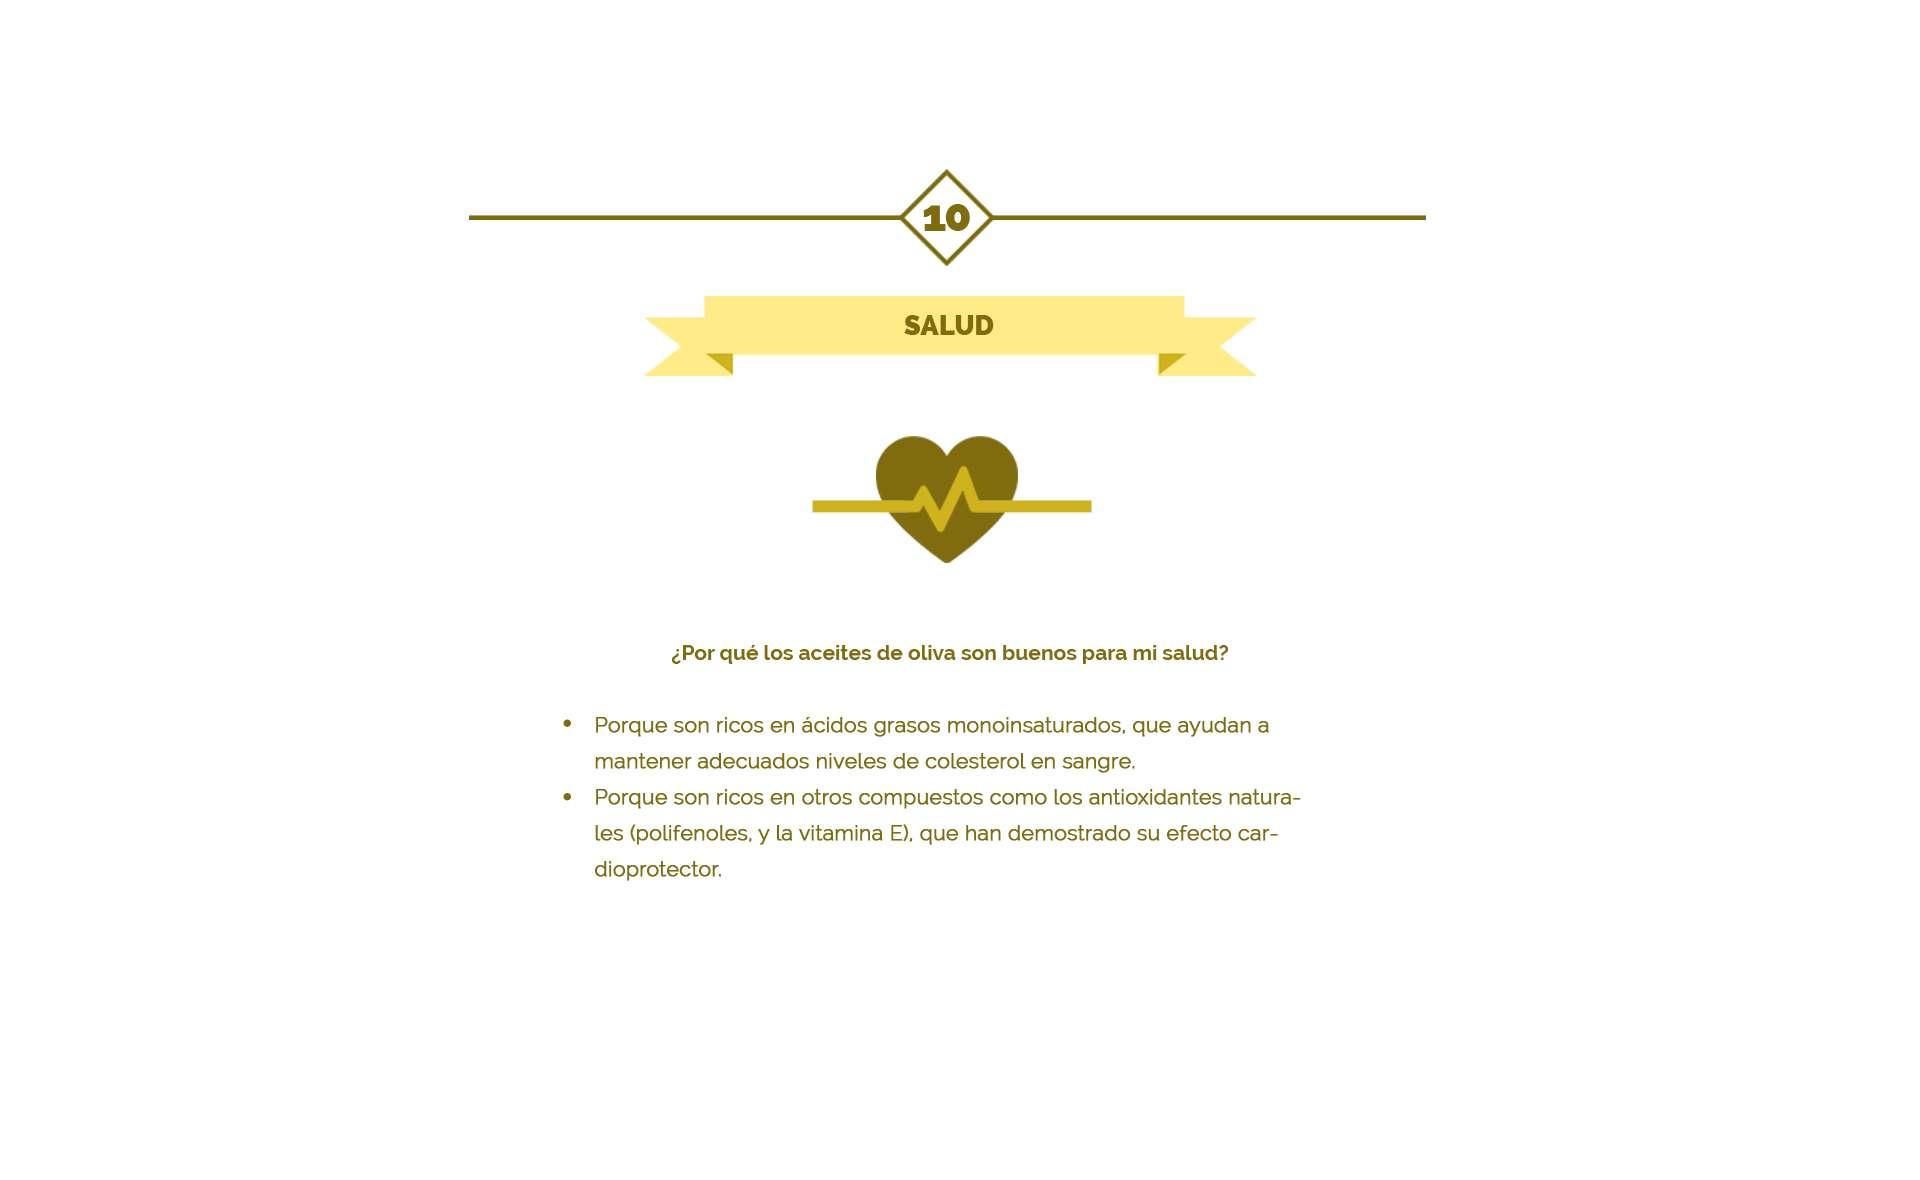 aceite oliva bueno para la salud